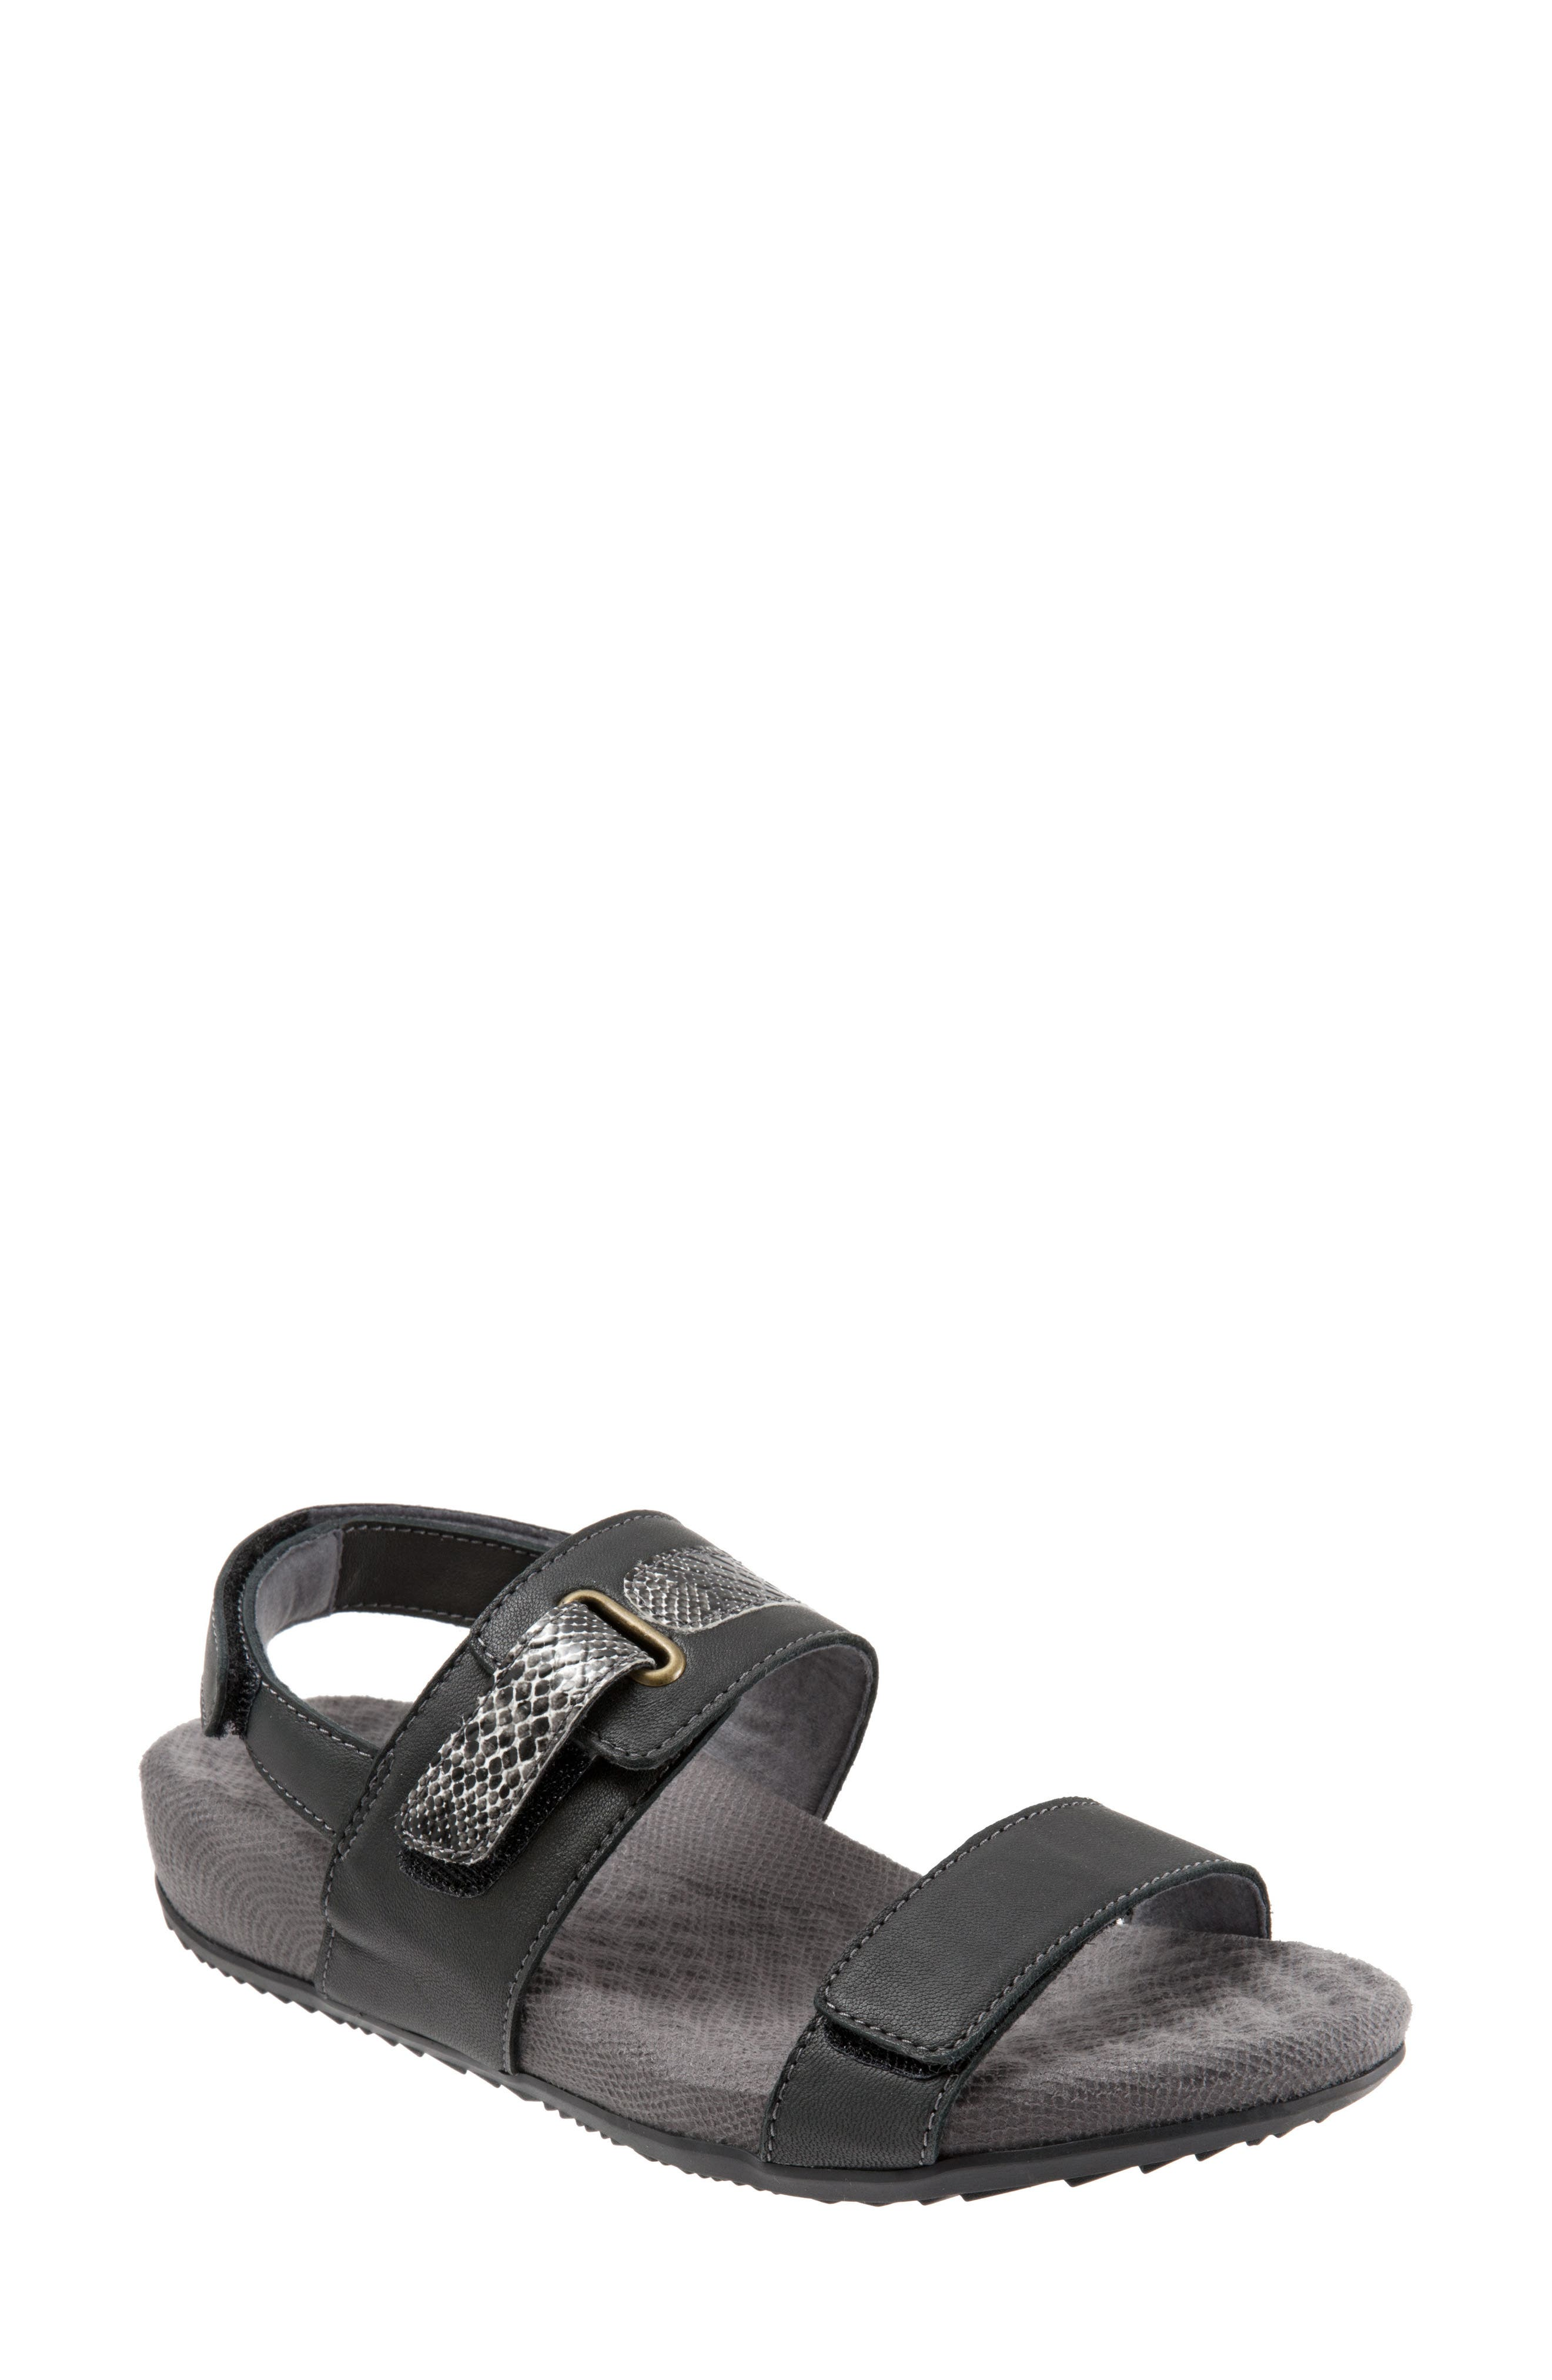 Bimmer Sandal,                         Main,                         color, BLACK LEATHER